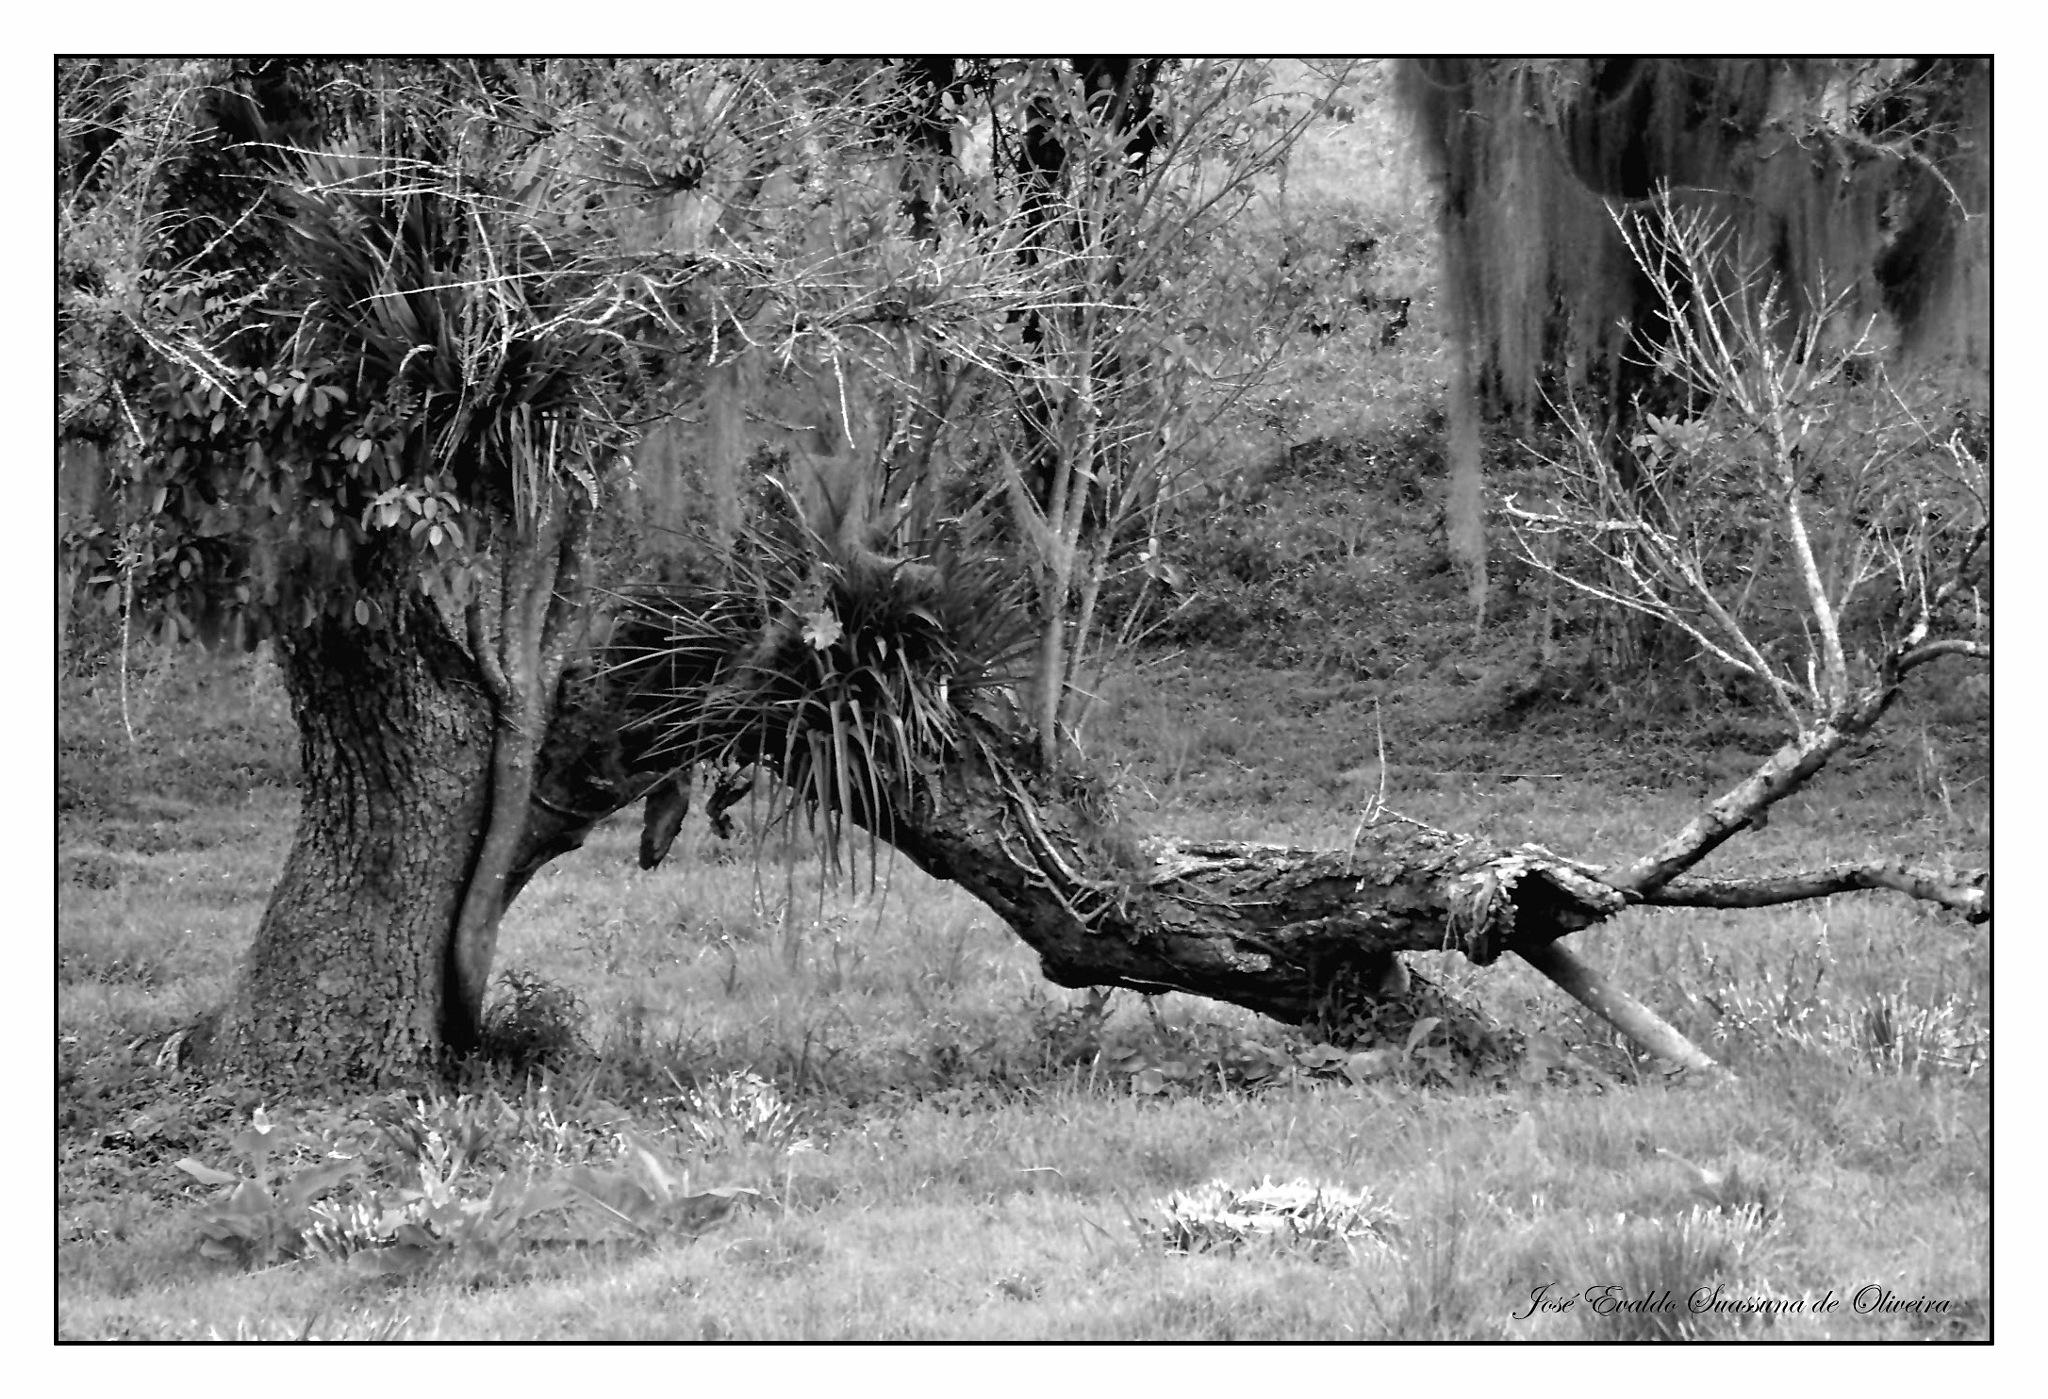 Broken Tree by José Evaldo Suassuna de Oliveira